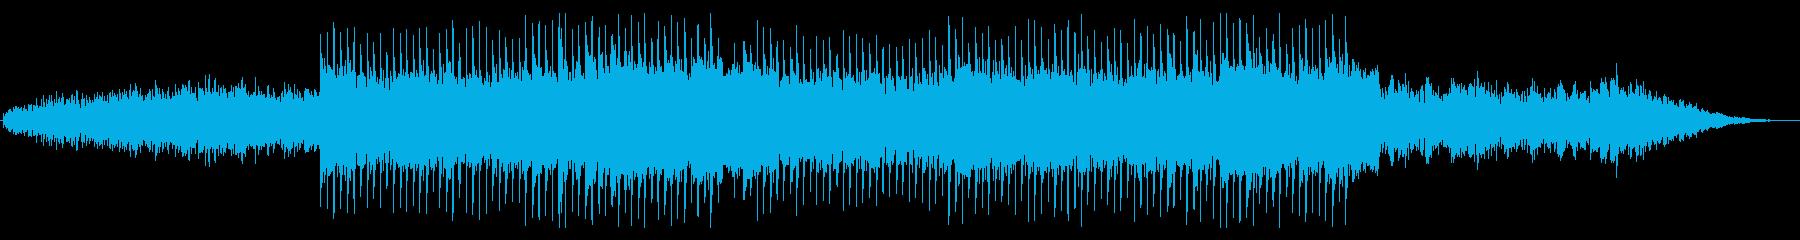 bgm34の再生済みの波形